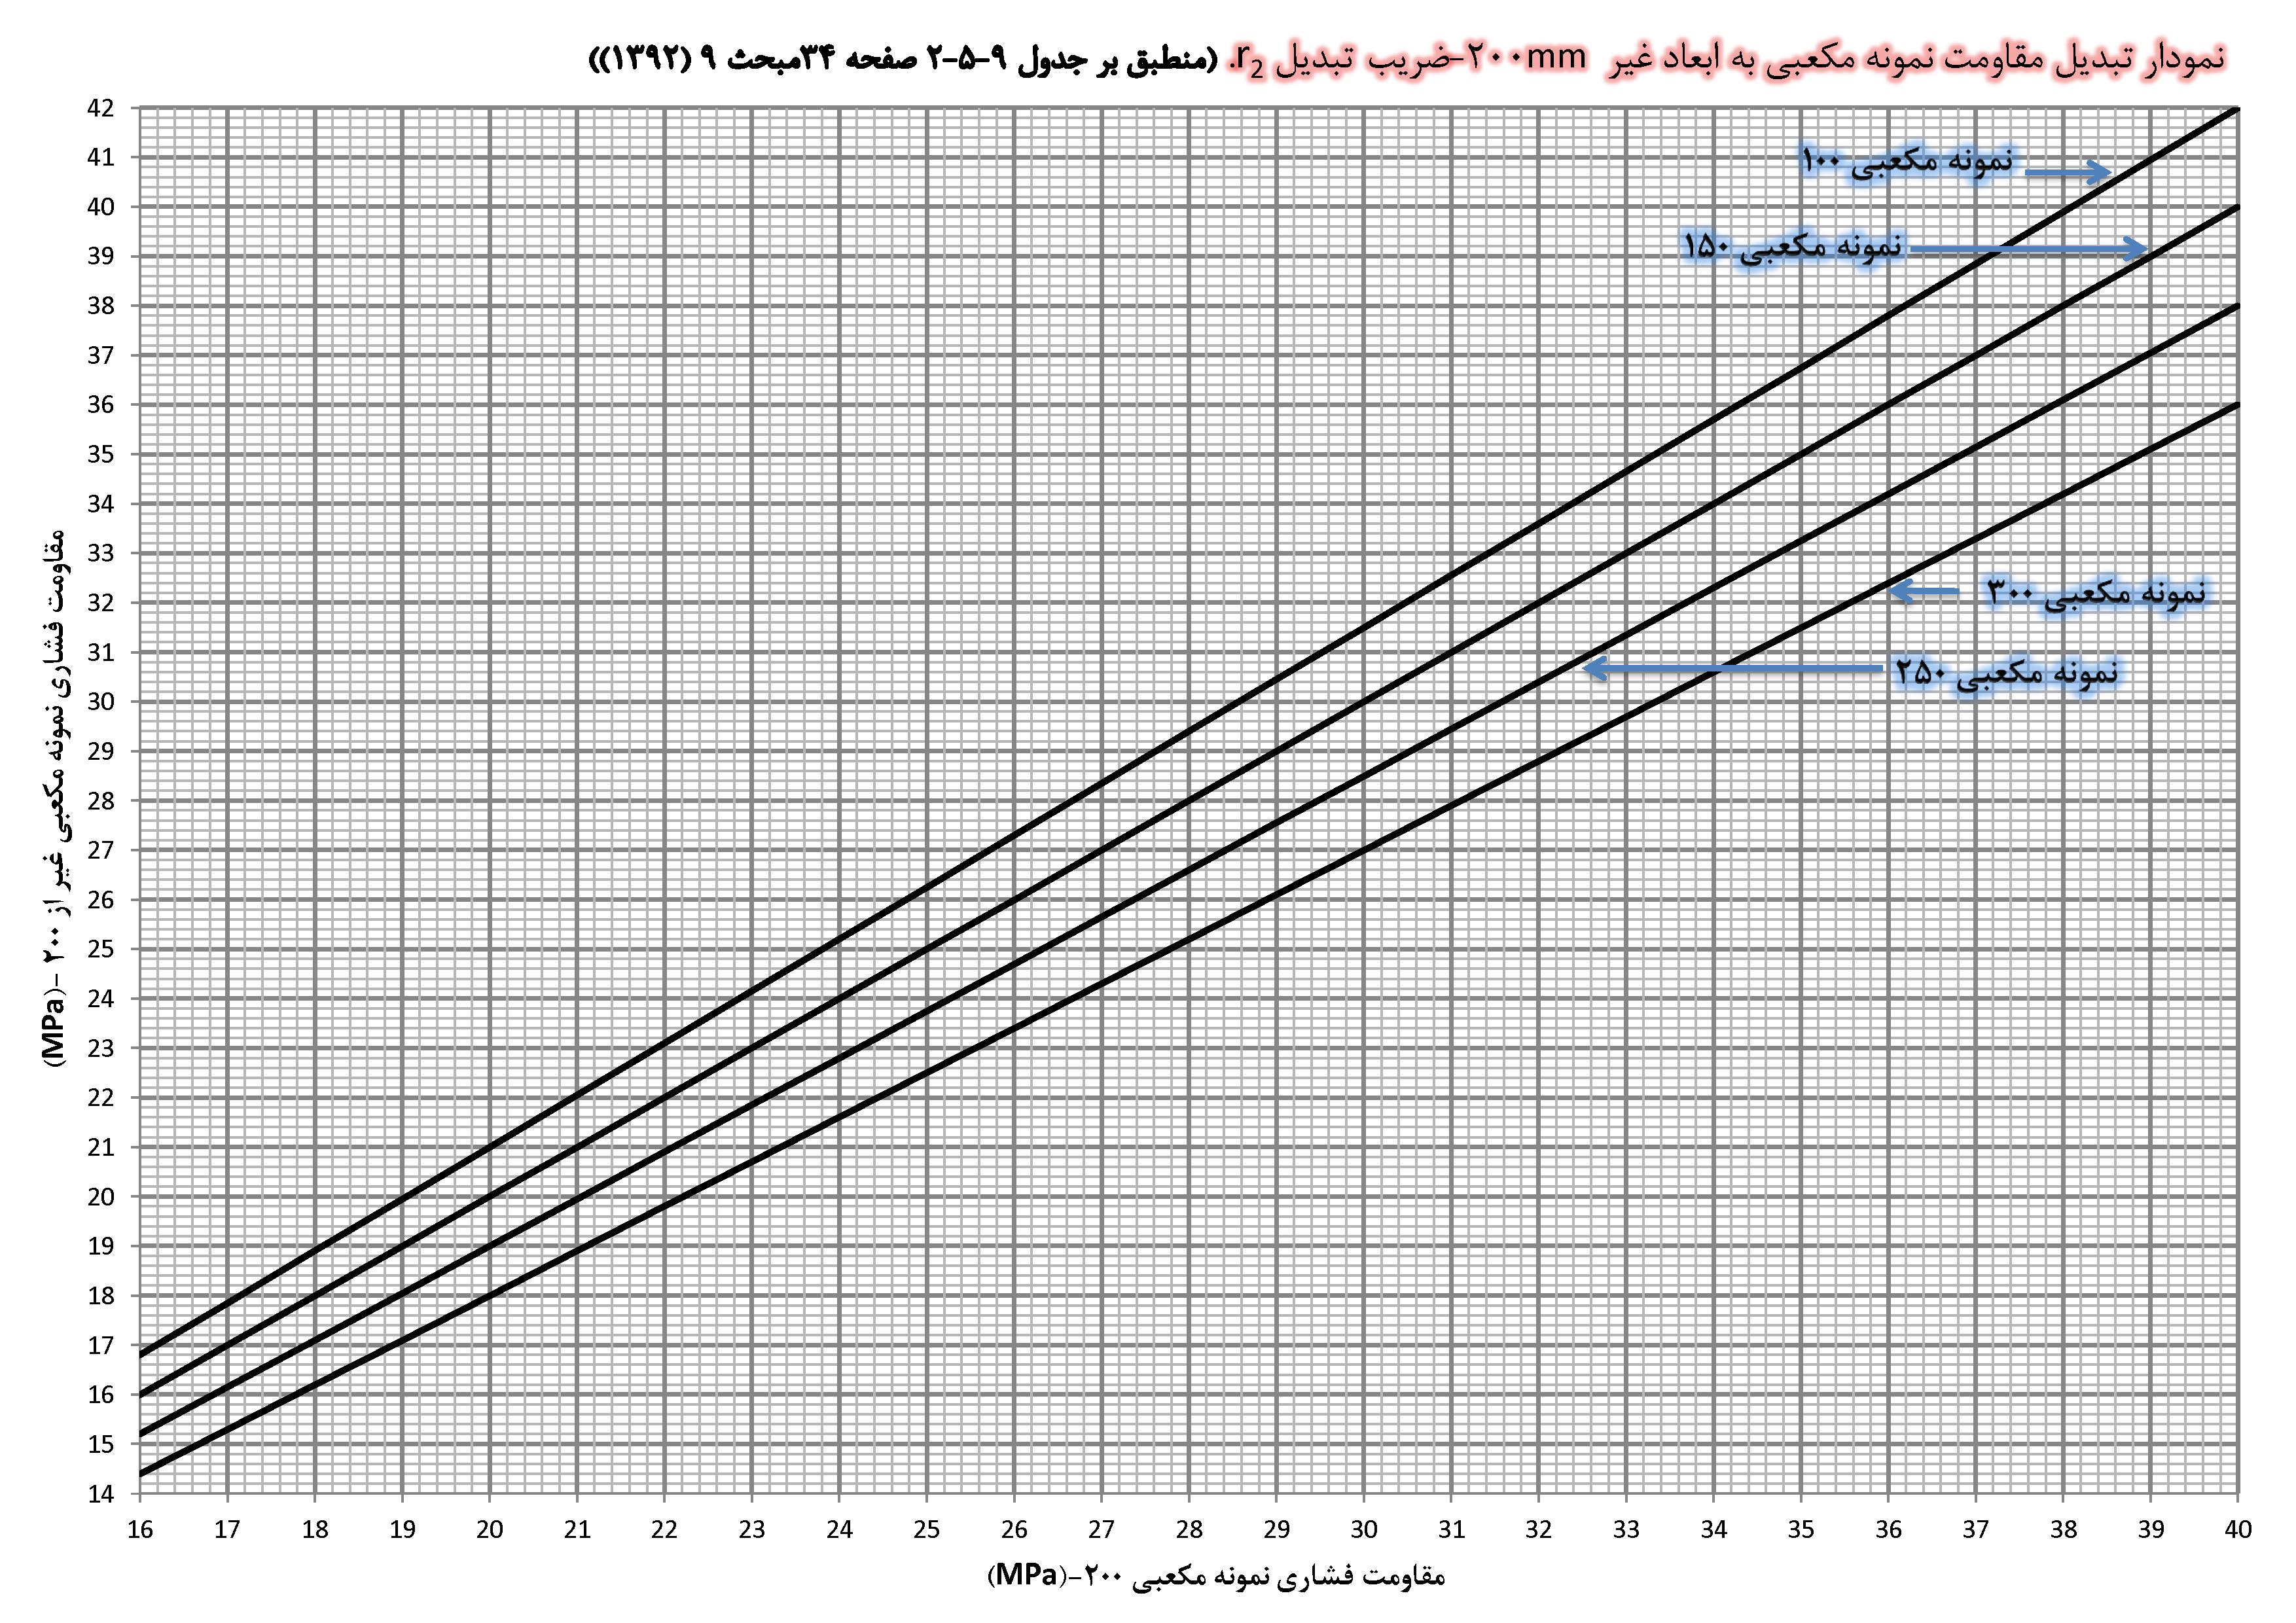 نمودار تبدیل مقاومت نمونه مکعبی به ابعاد غیر 200mm r2